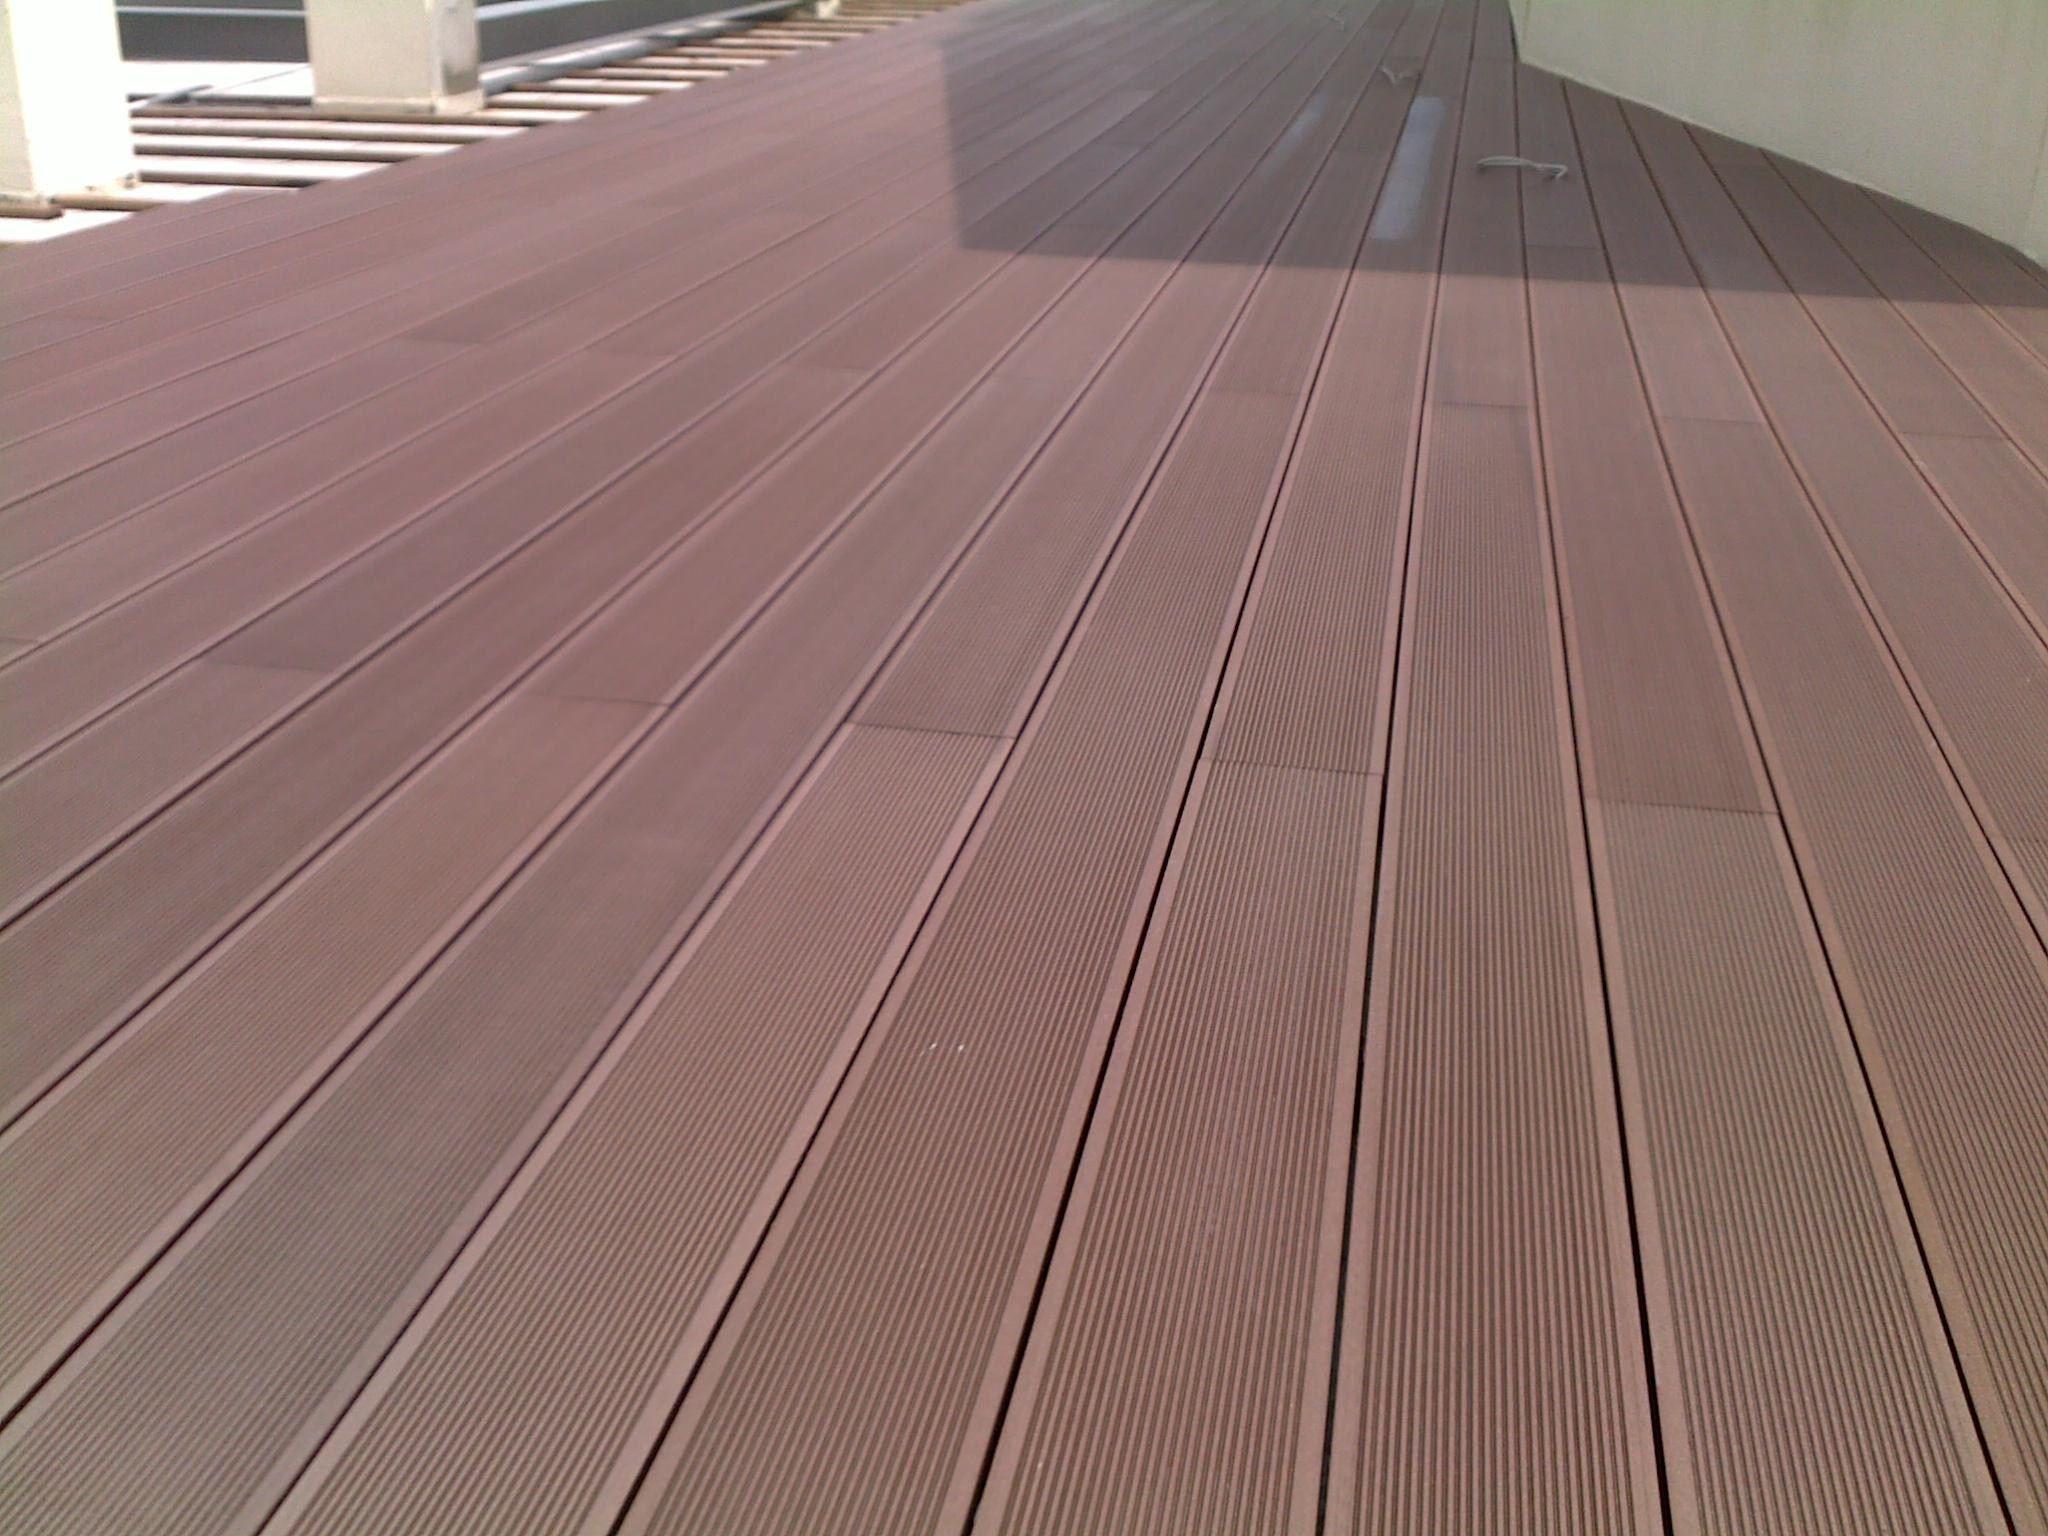 Pvc Decking In Phoenix Az Composite Decking Warped Trex Decking Joist Space Requirements Composite Decking Pvc Decking Trex Deck